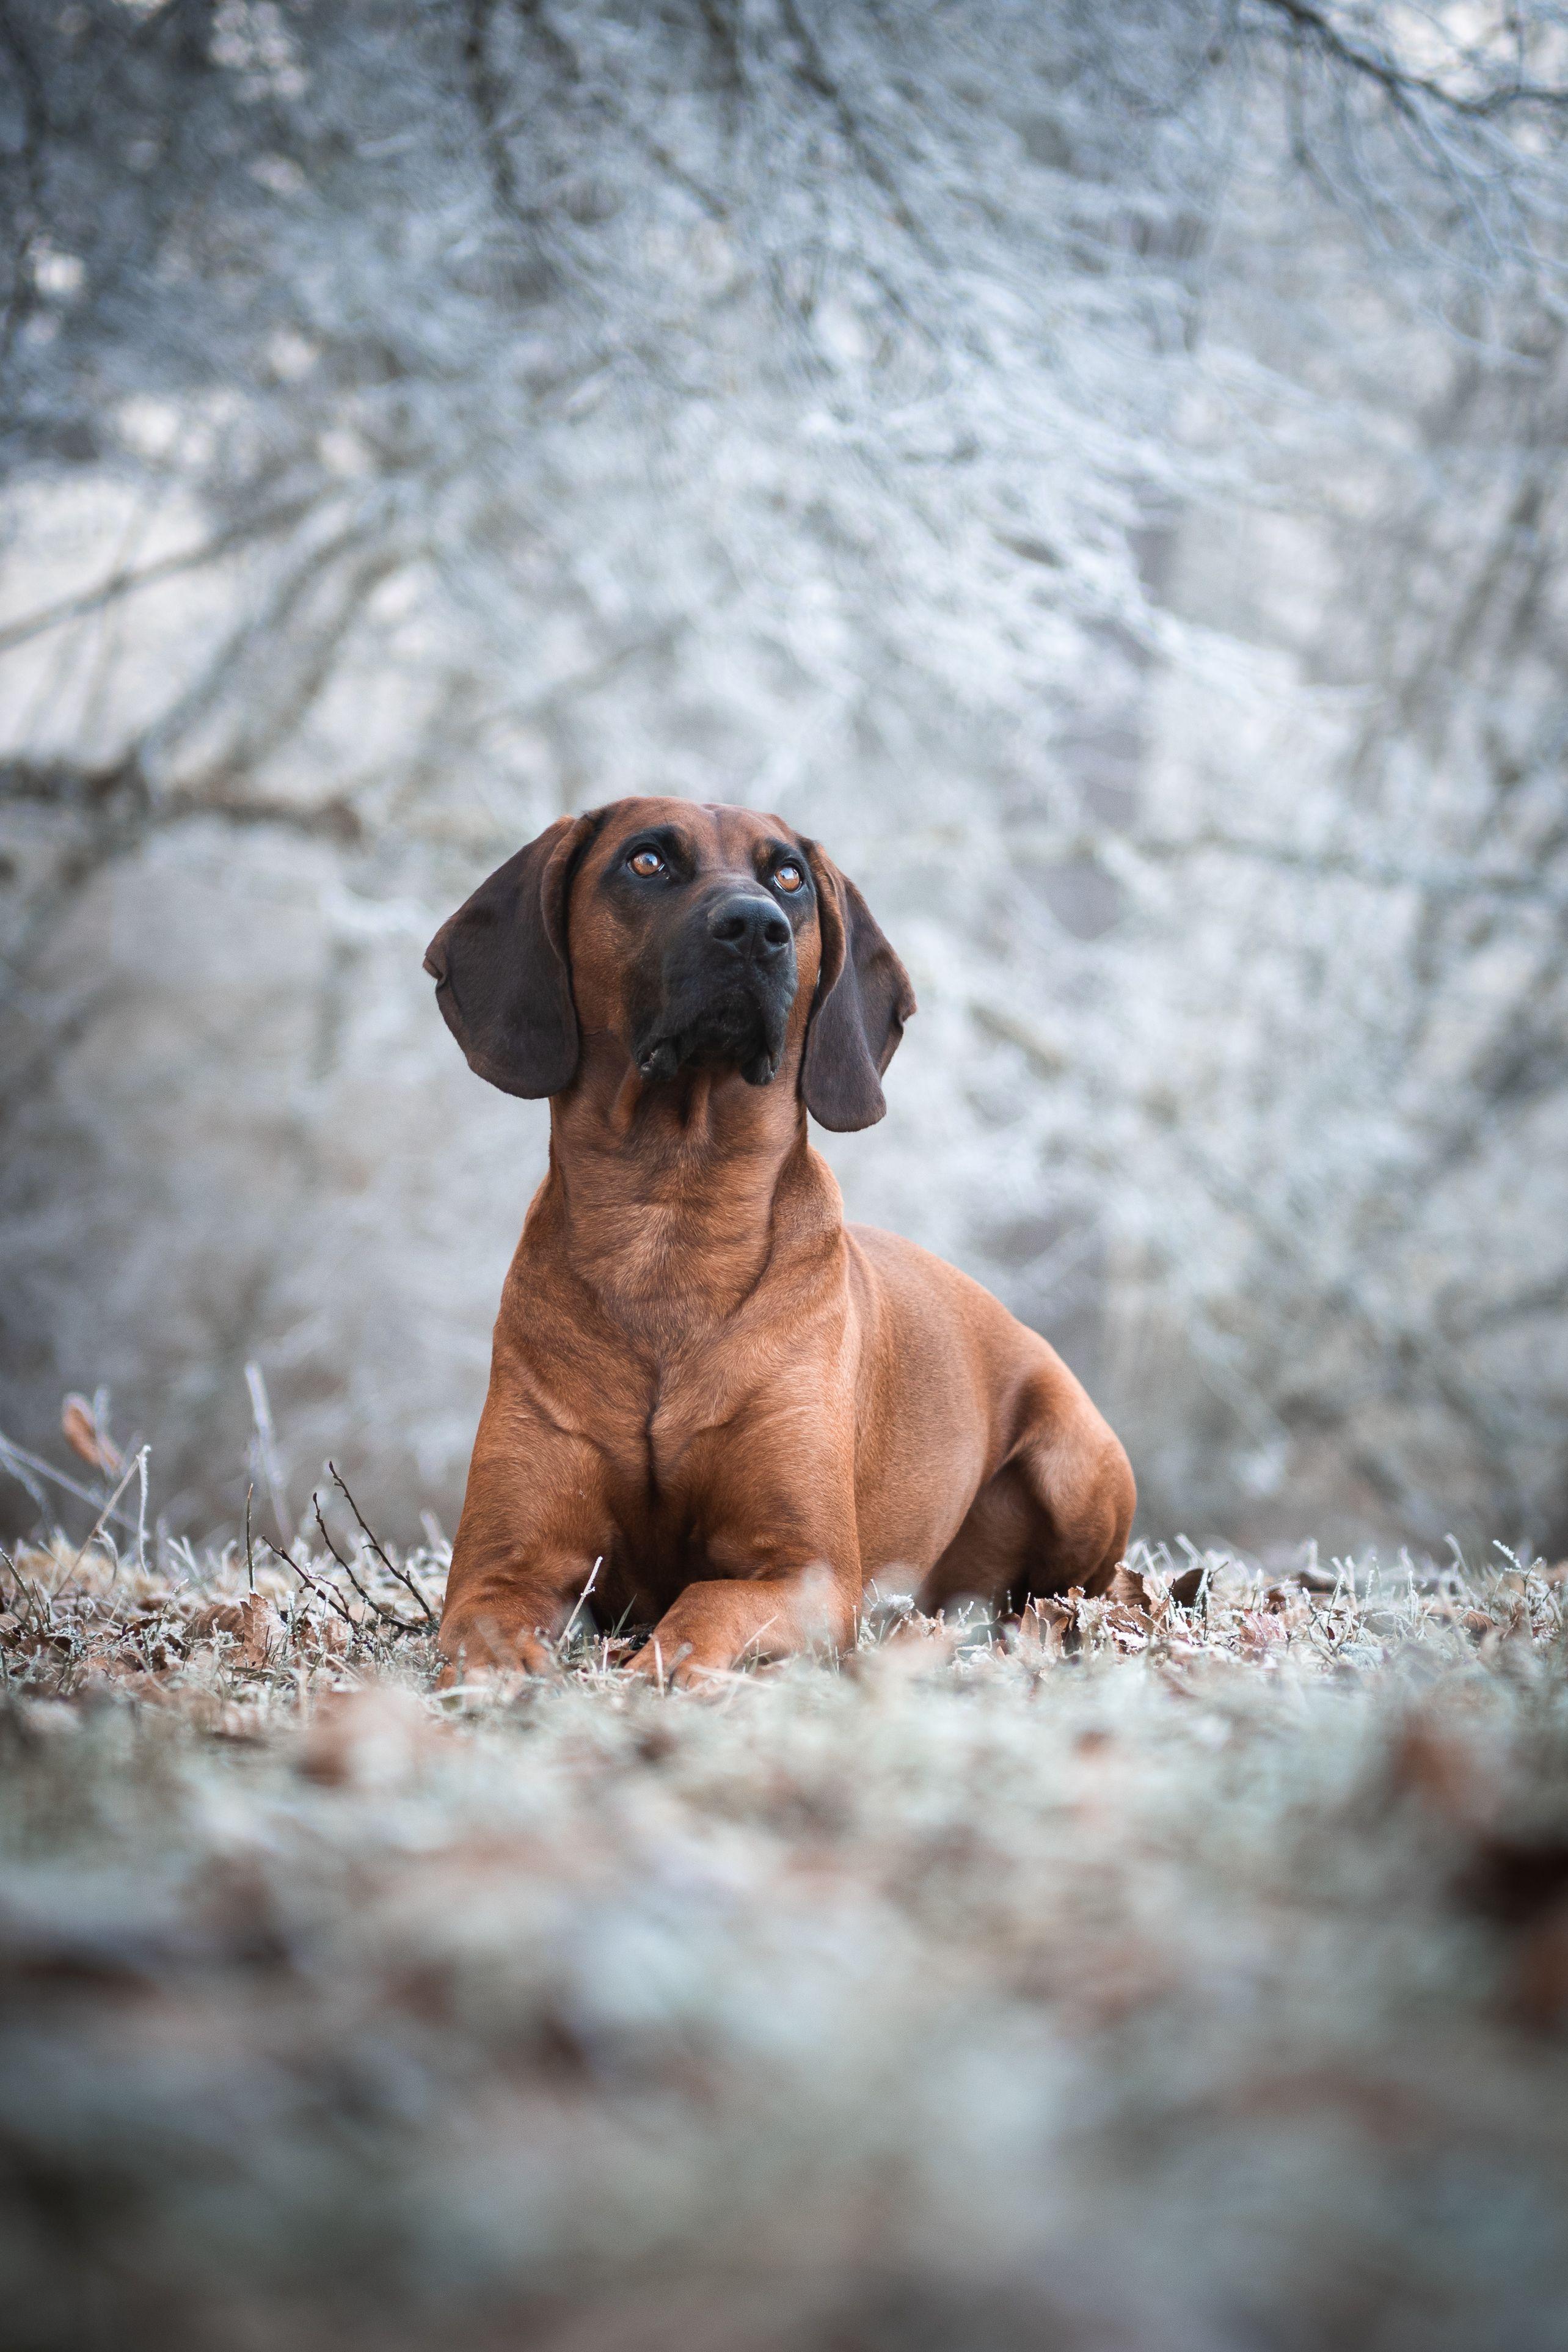 Bayerischer Gebirgsschweisshund Tobias Westen Photography Tierfotograf Hundefotograf In 2020 Bayerischer Gebirgsschweisshund Bayrischer Gebirgsschweisshund Tierfotograf